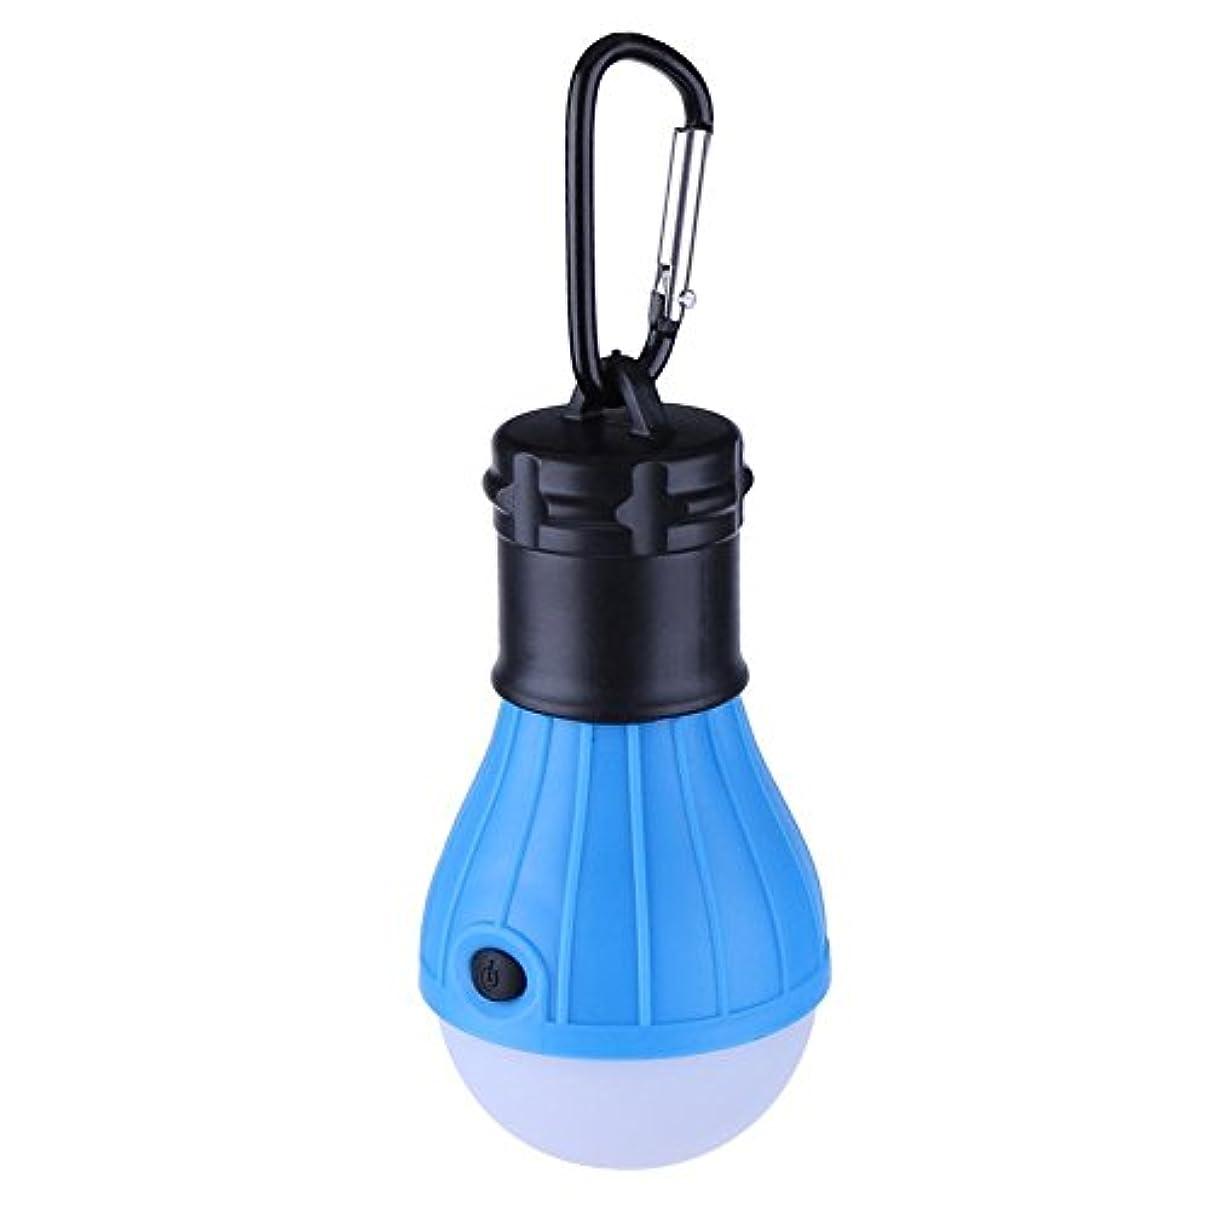 関連するただやる昇るk-outdoor LEDランタン キャンプライト 60ルーメン 吊り下げフック付き 高輝度 小型 携帯便利 アウトドア&停電応急&防災用品 単4電池